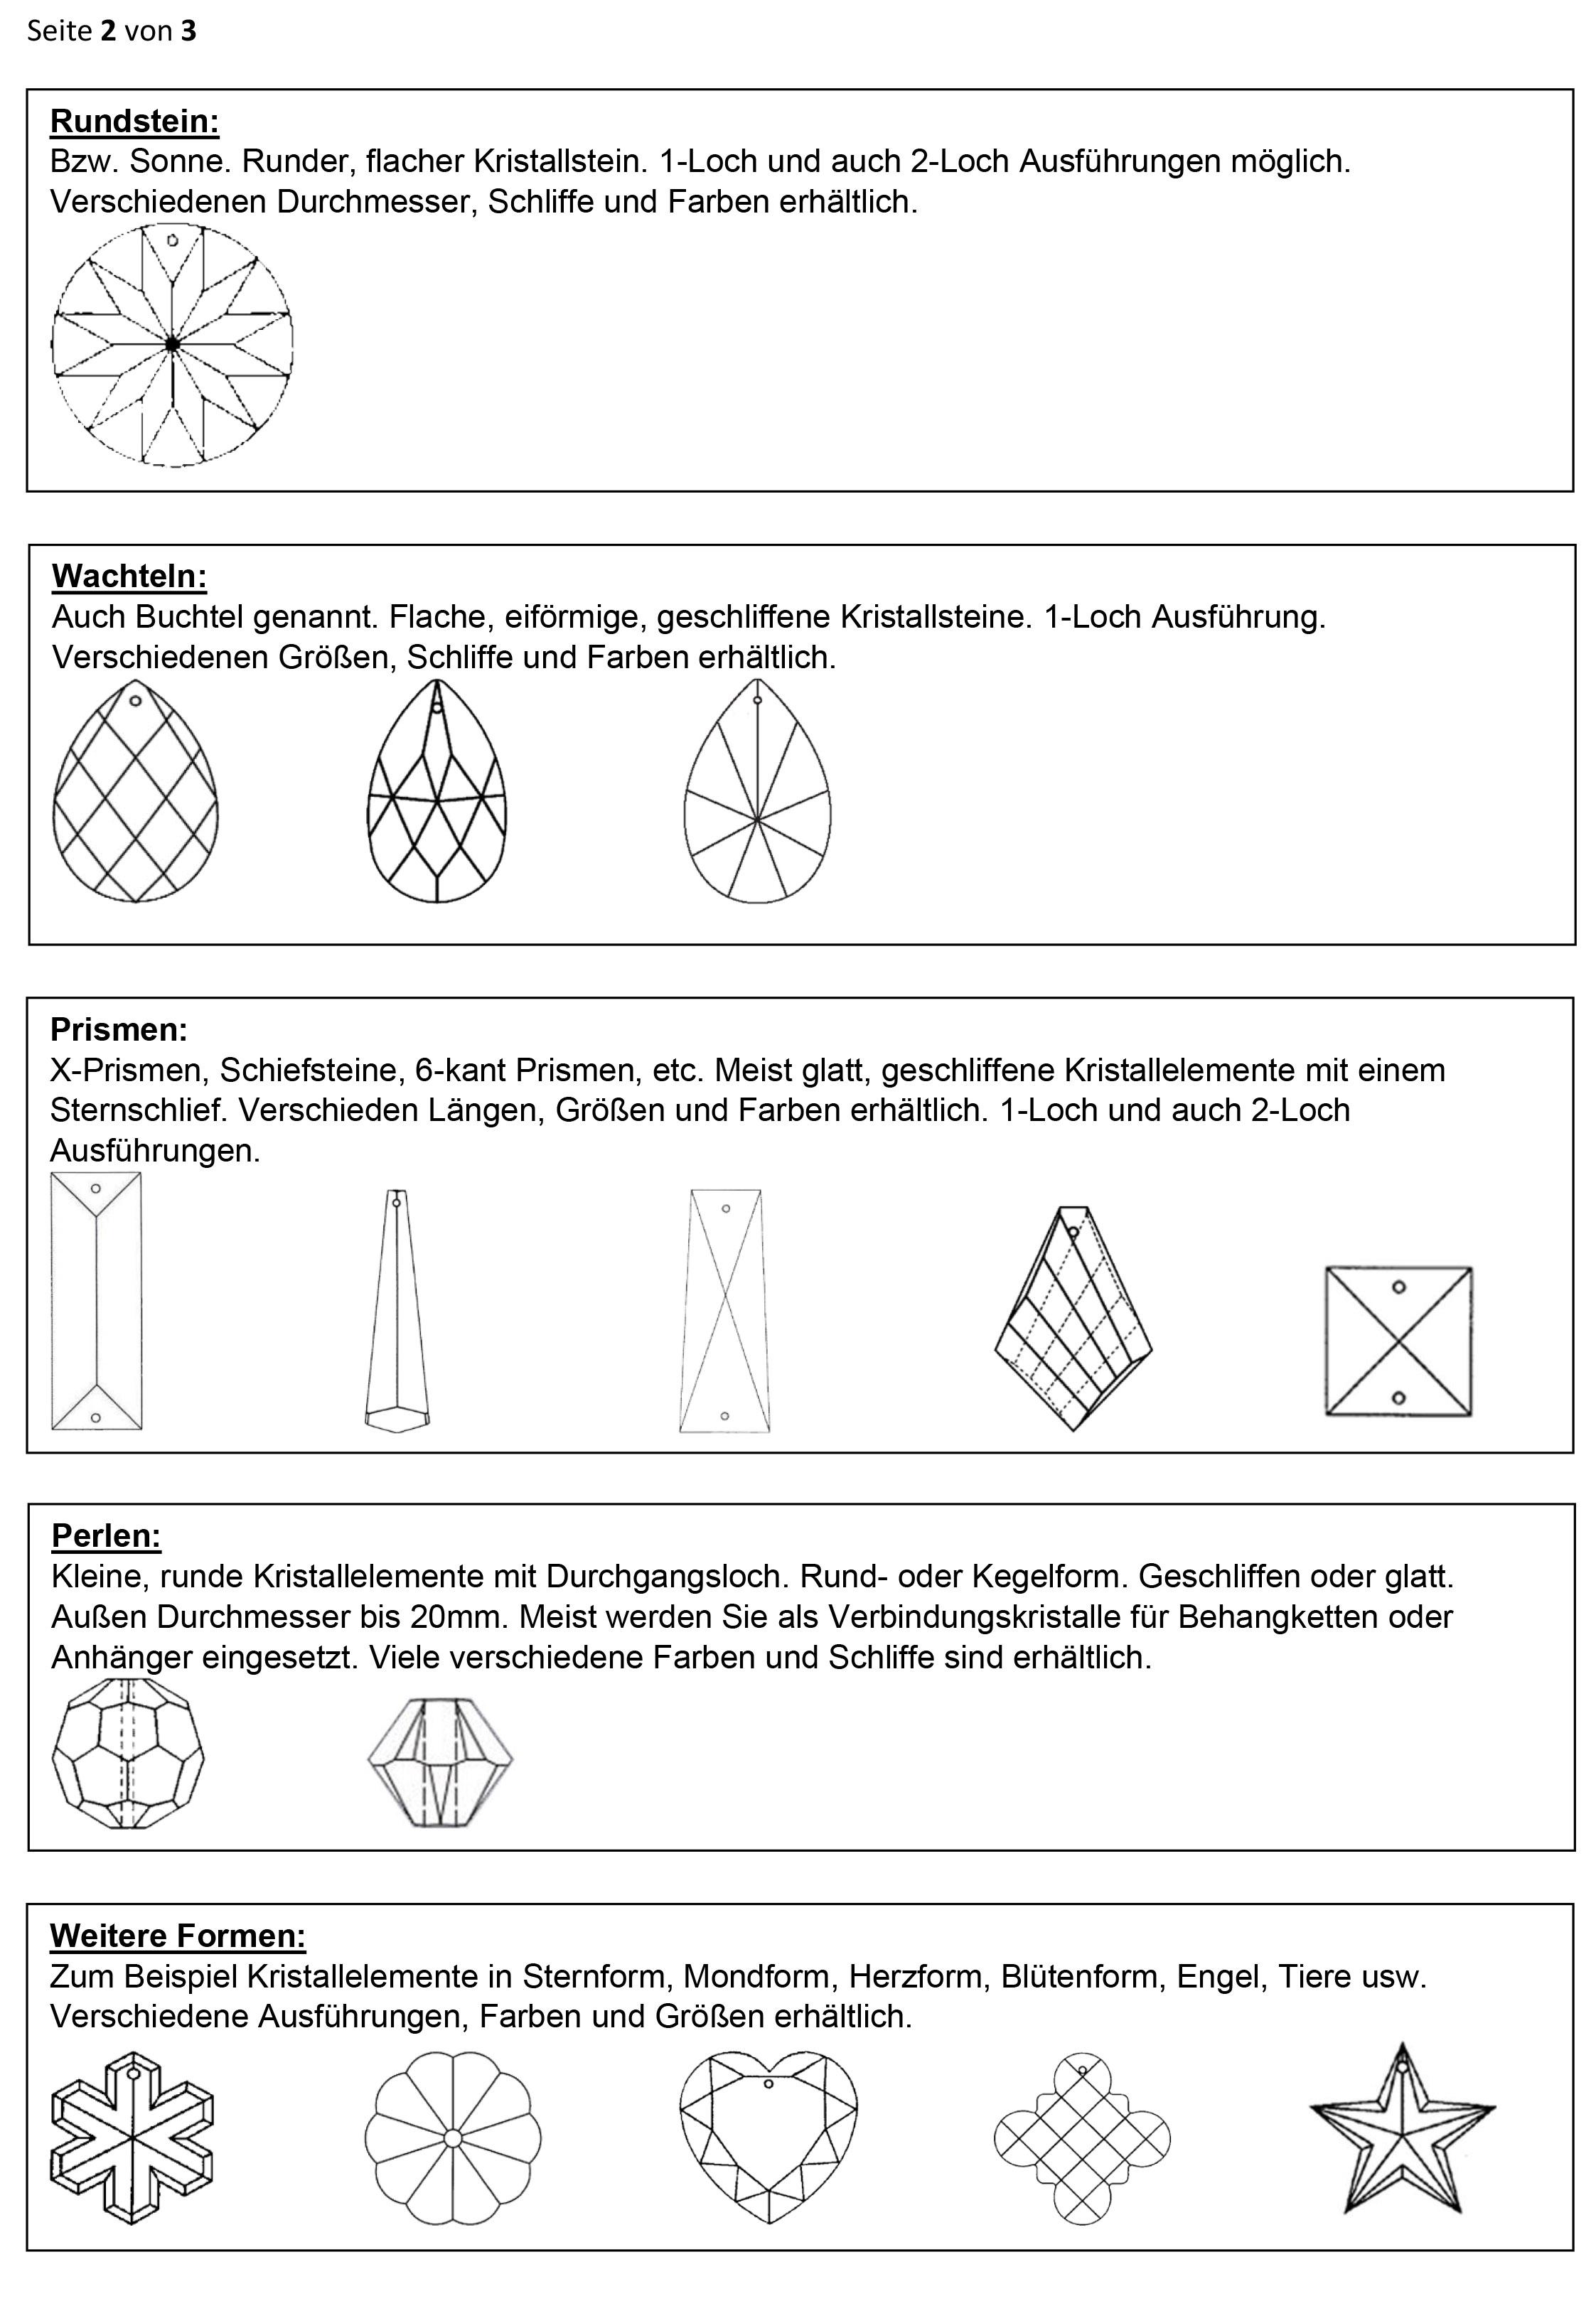 Begriffserkl-rungen-2